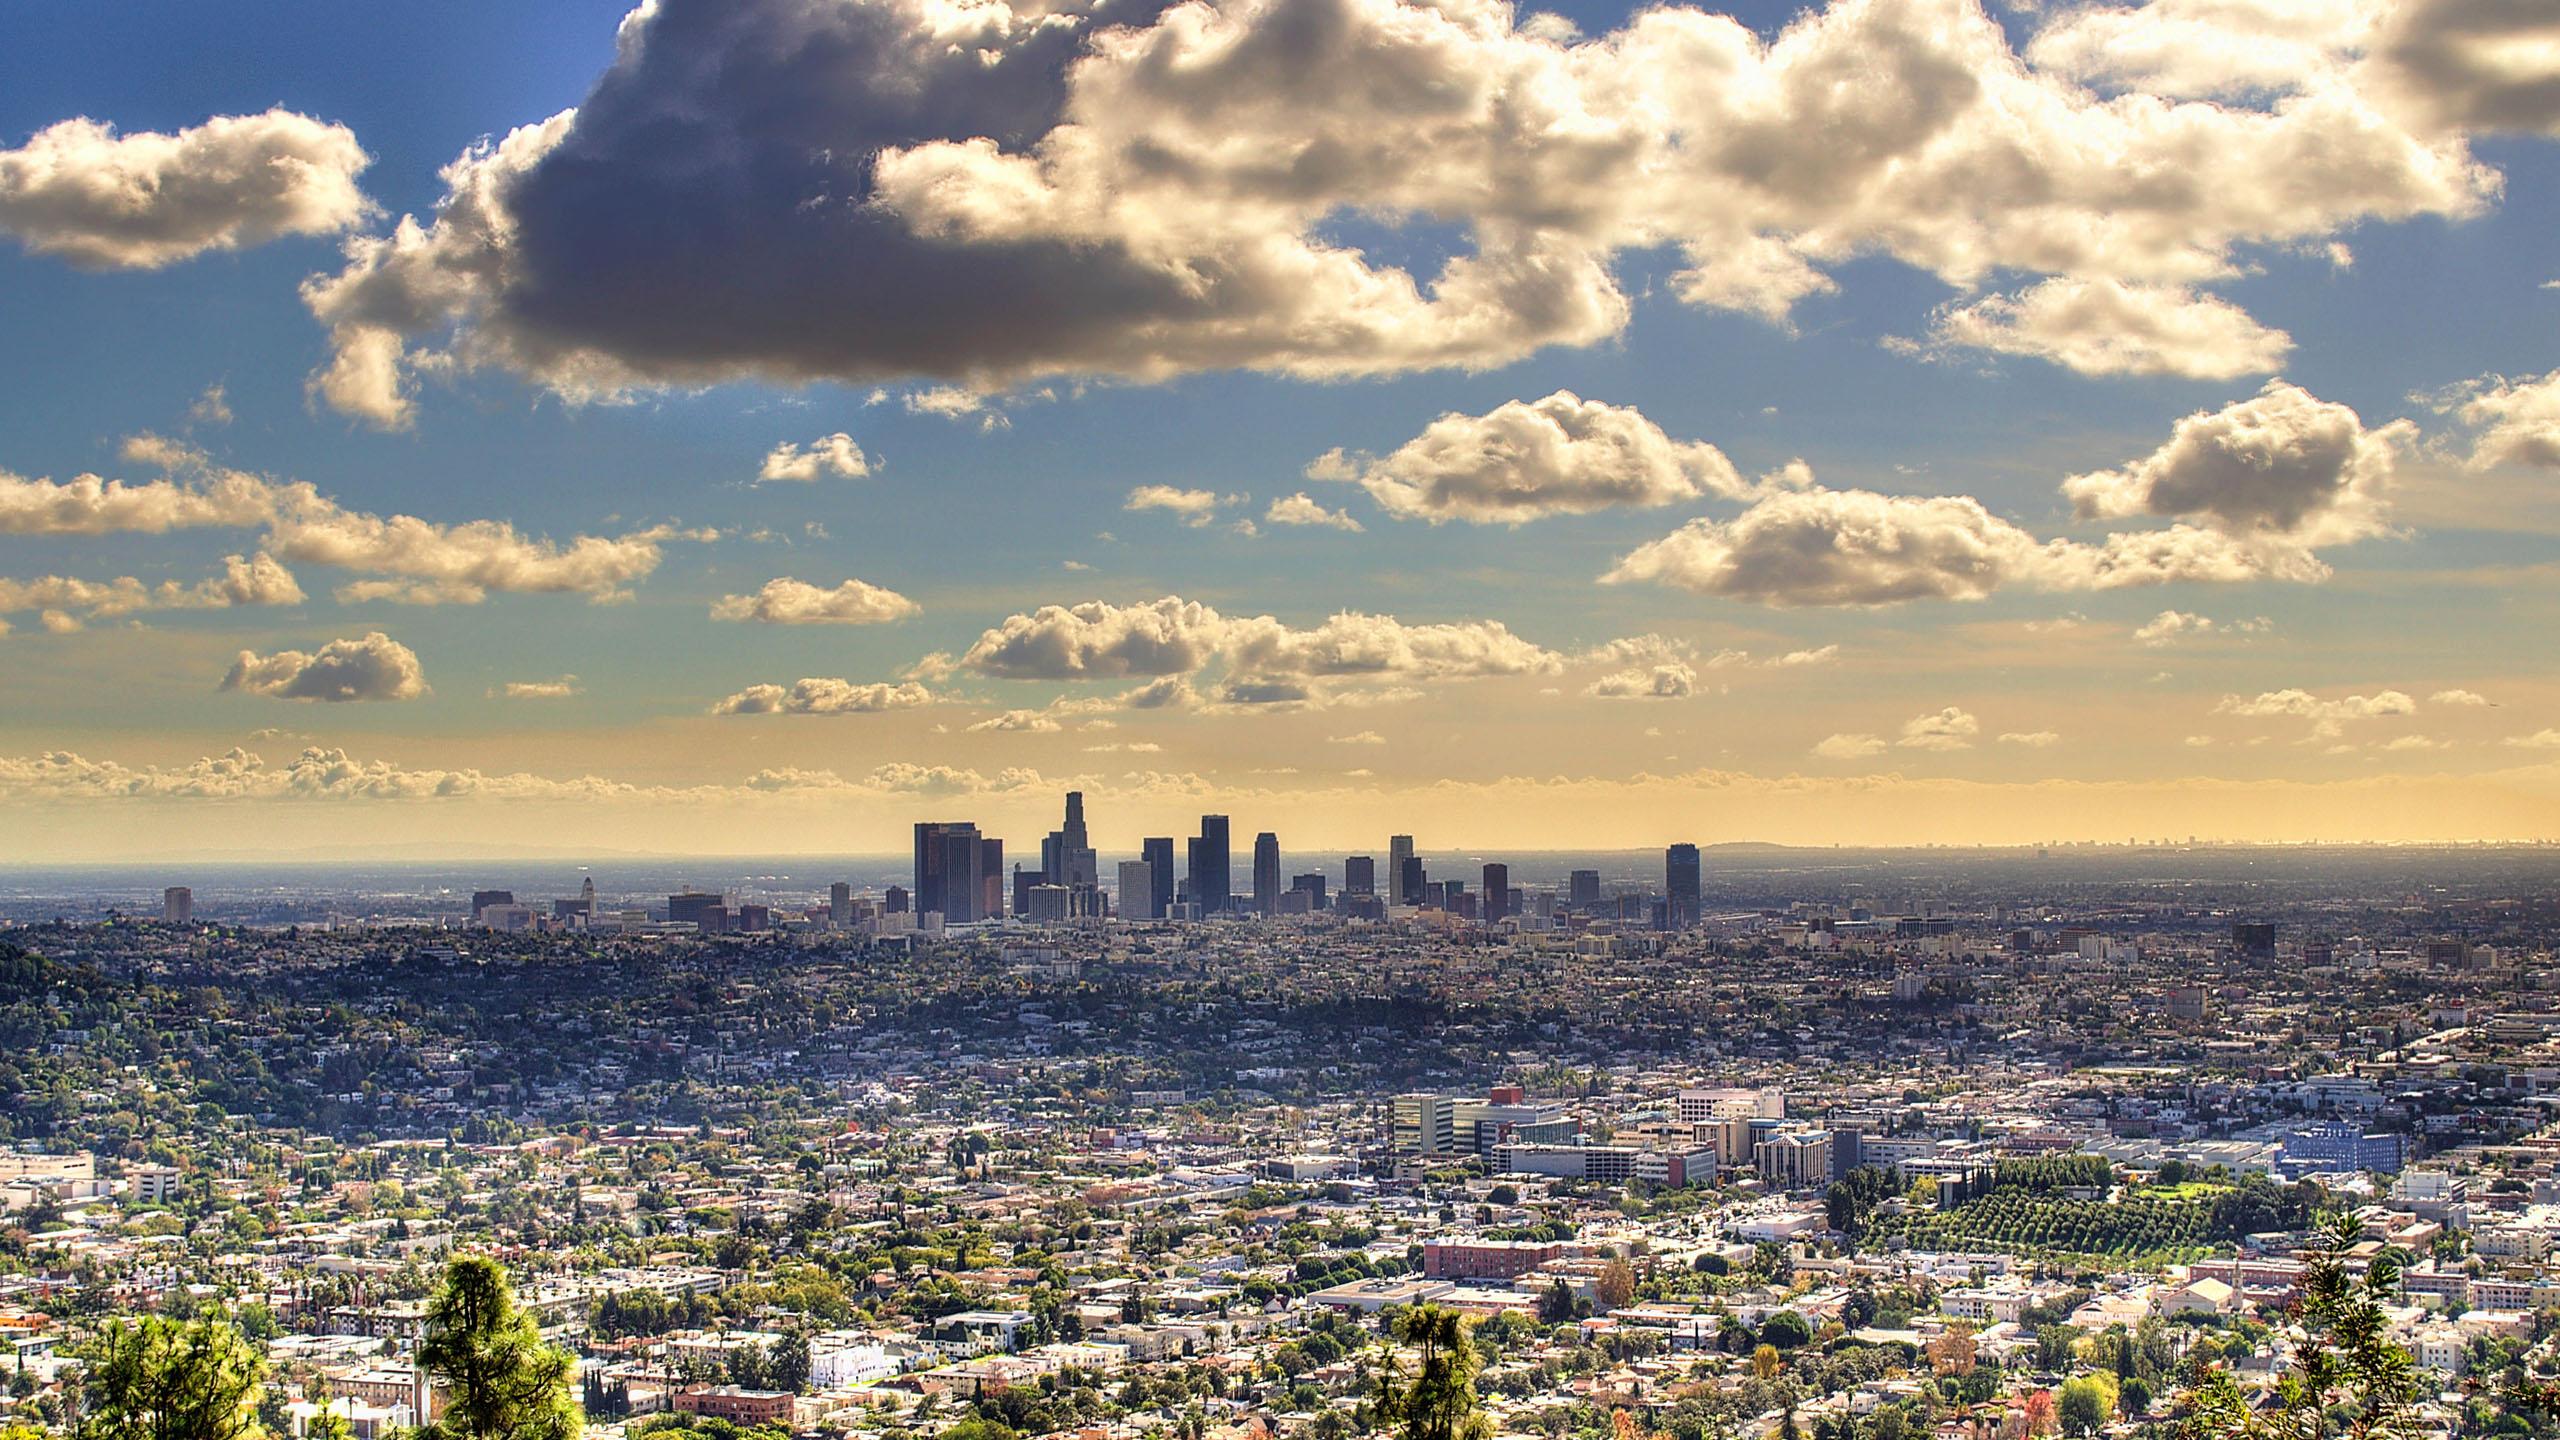 Wallpaper 3d Funny Fantastic Los Angeles Wallpaper 41391 2560x1440 Px